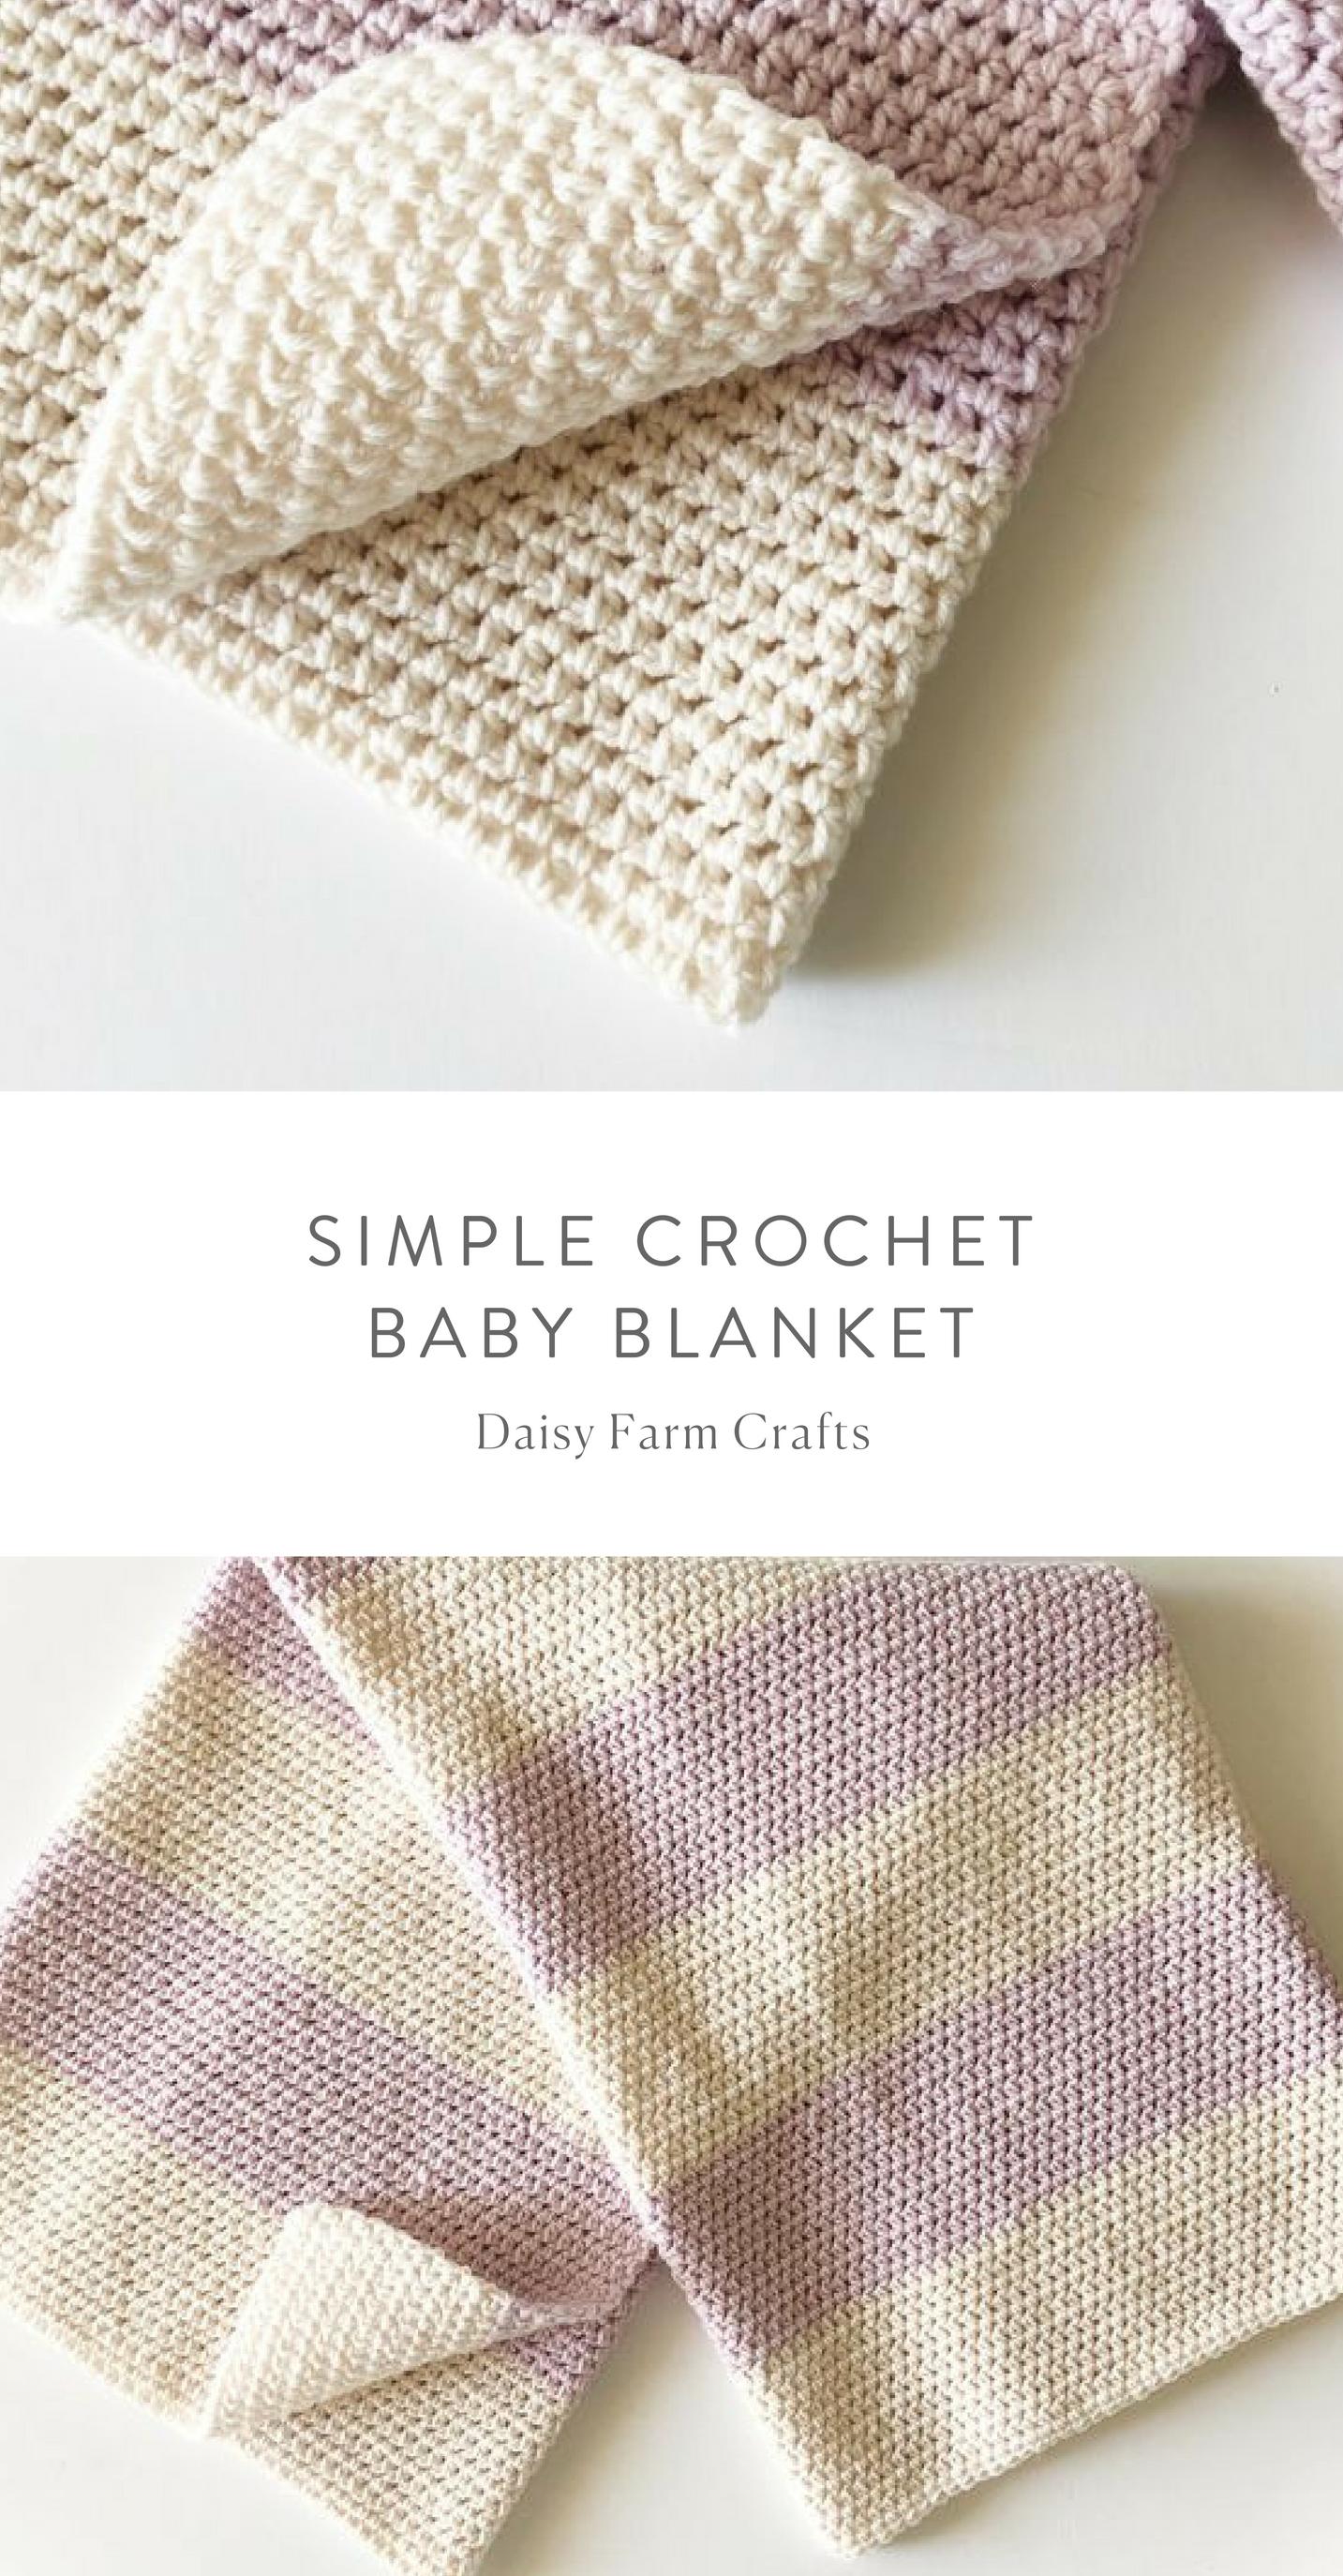 Free Pattern - Simple Crochet Baby Blanket #crochet | Crochet ...